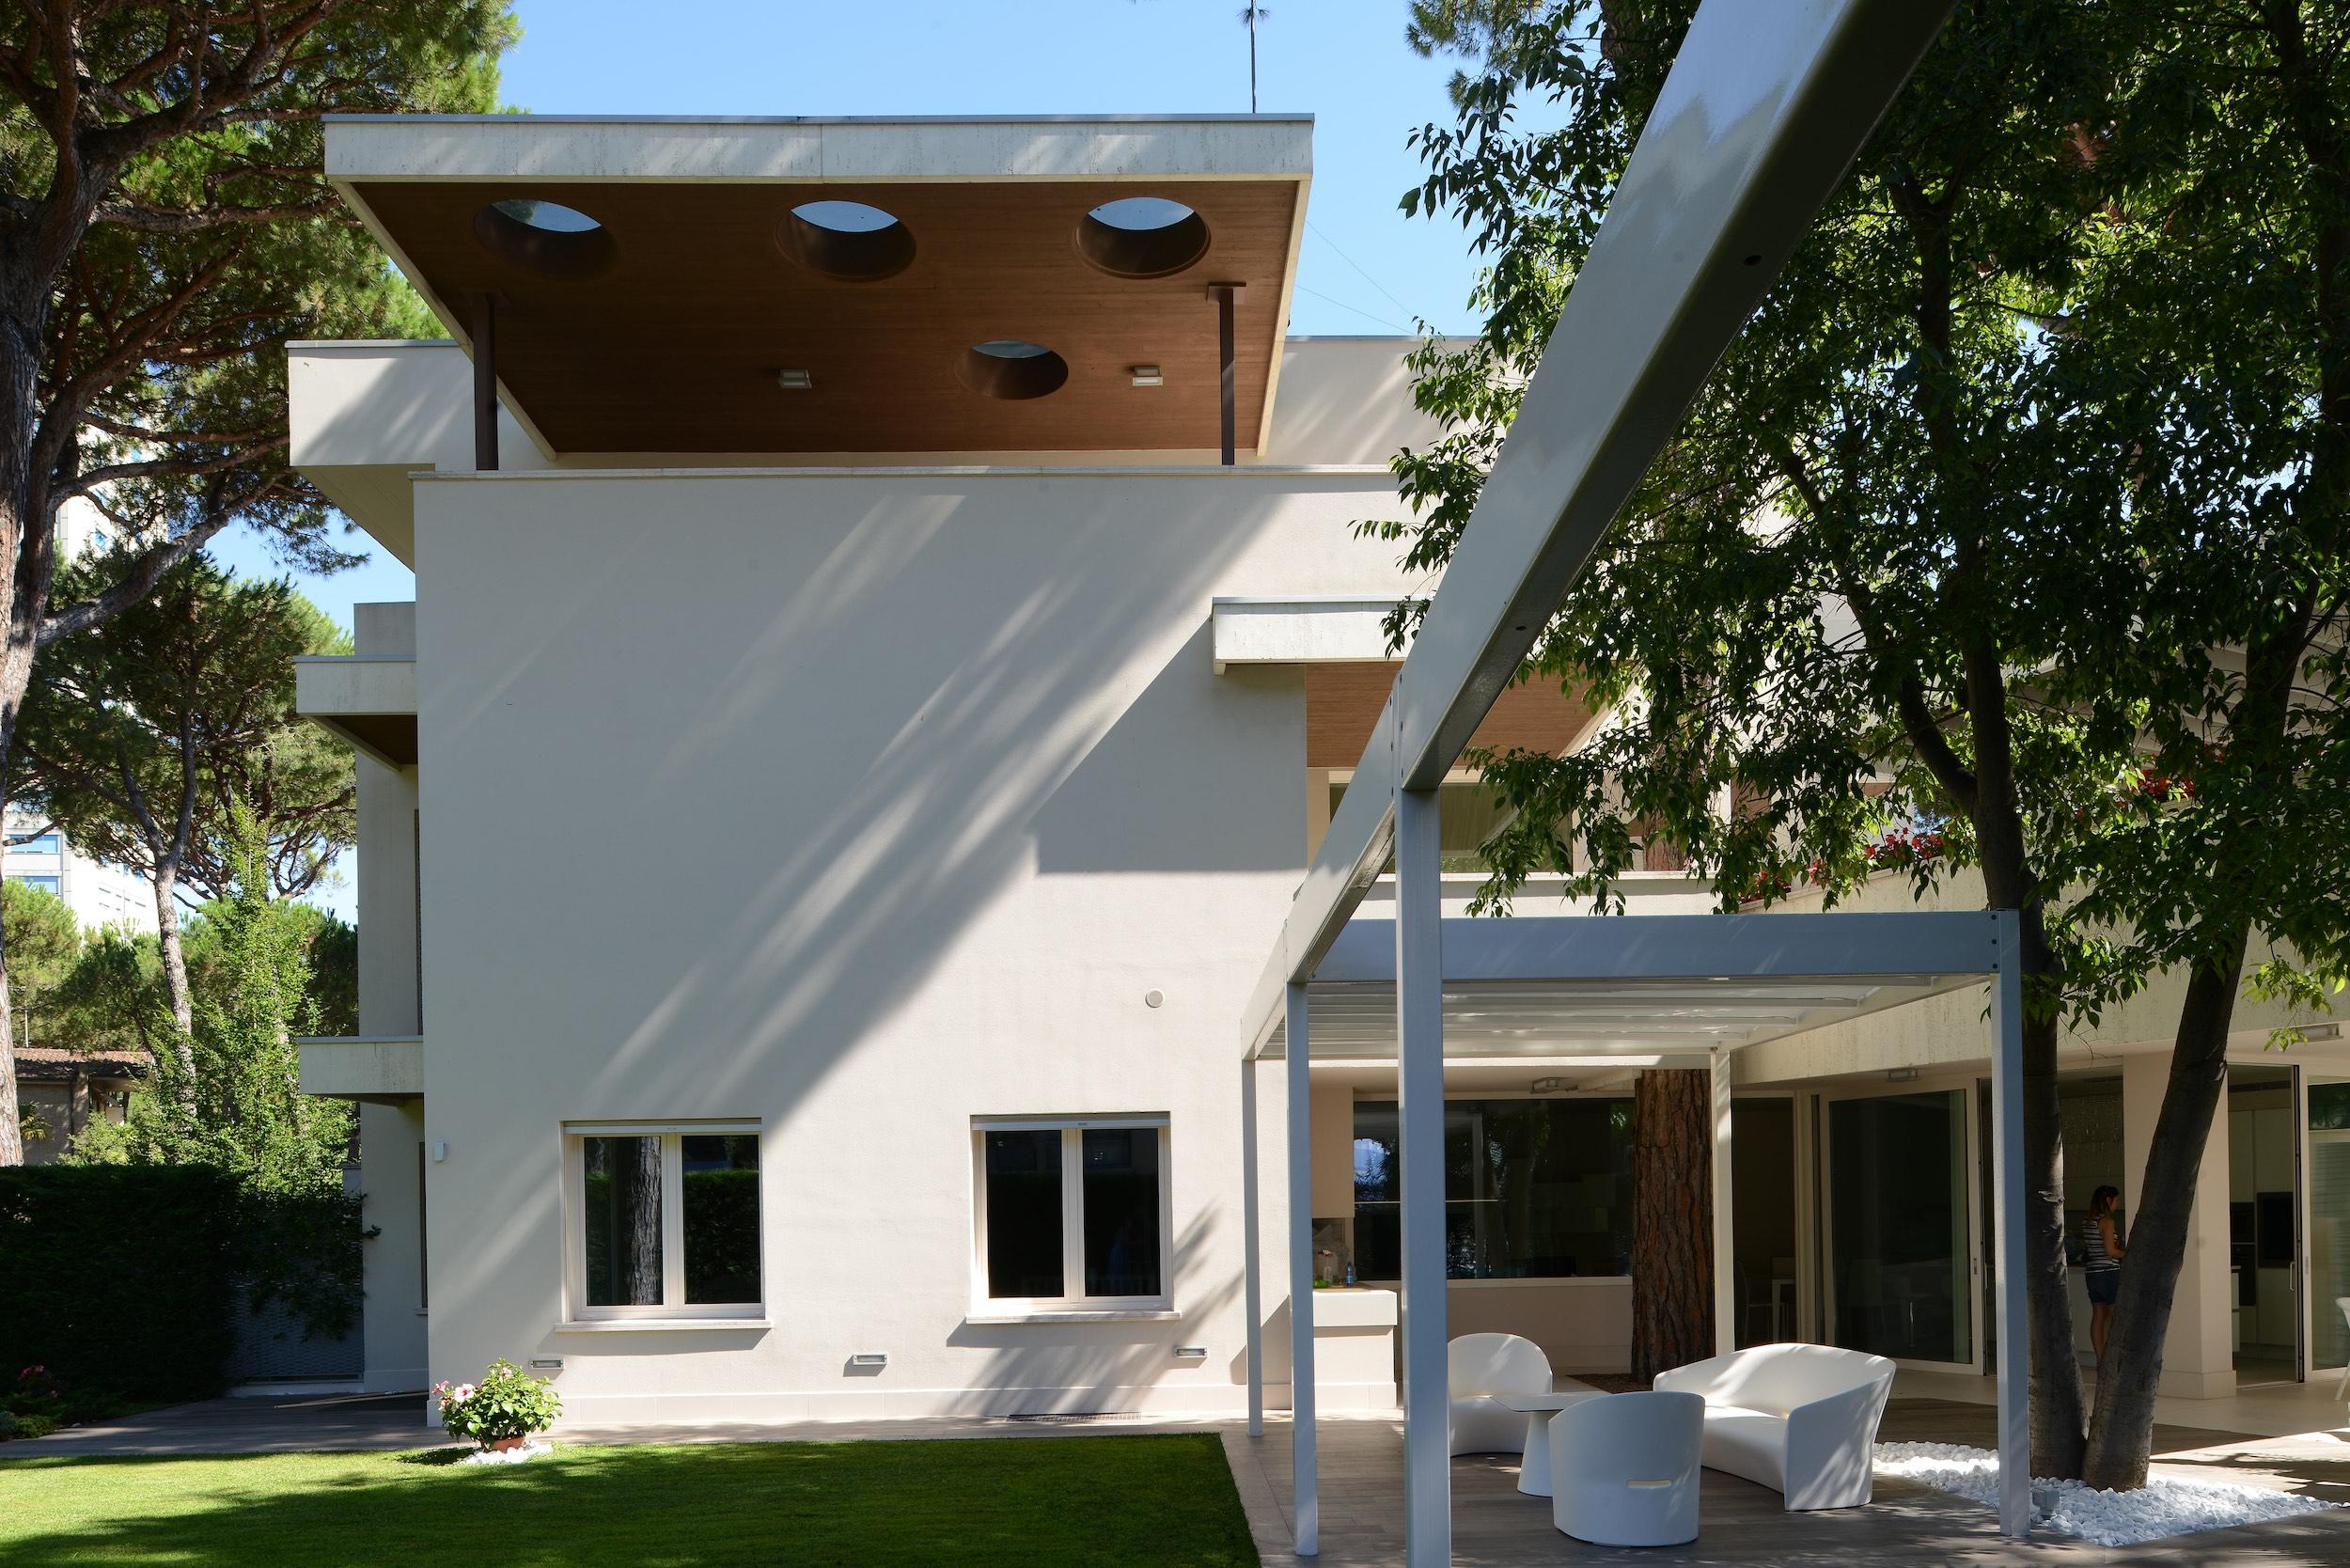 4298 Studio Bacchi Architetti MiMa